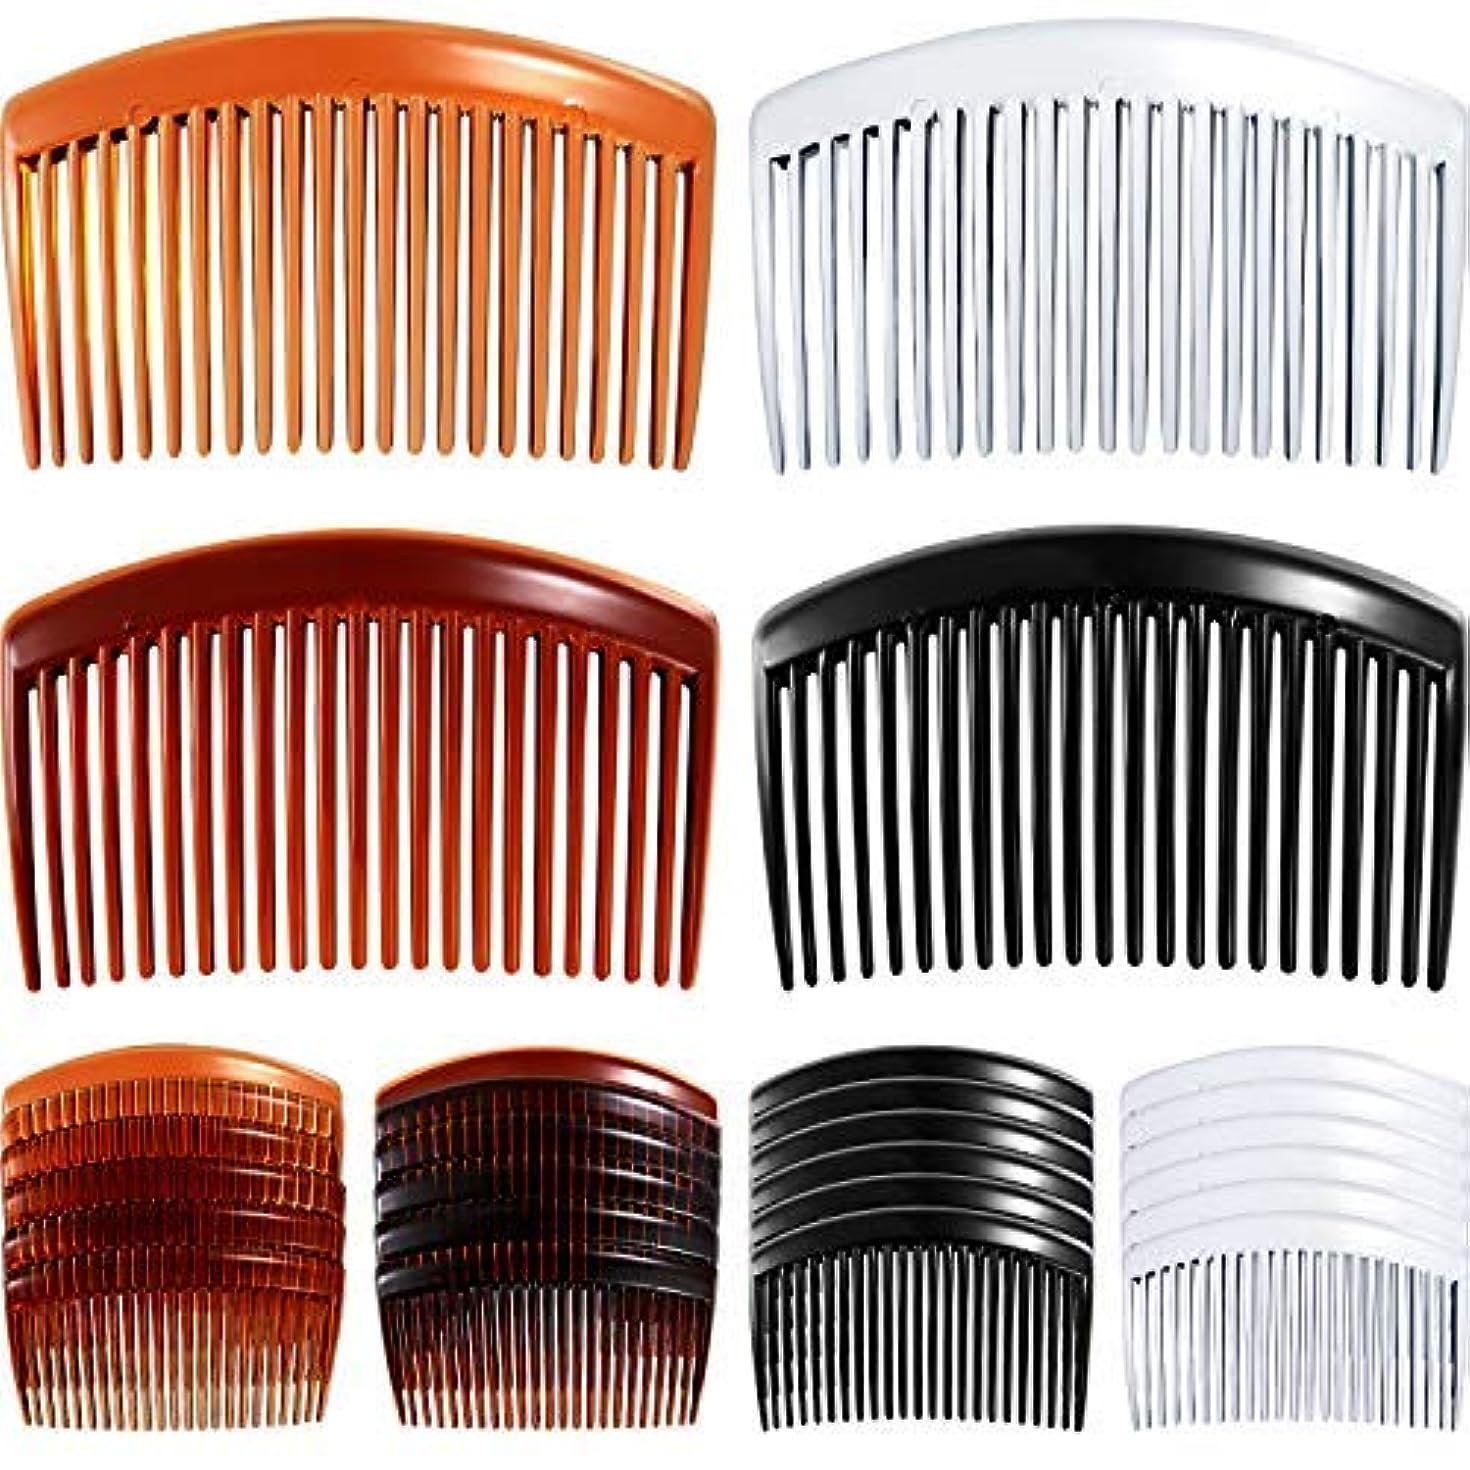 スチュアート島祖先減らす24 Pieces Hair Comb Plastic Hair Side Combs Straight Teeth Hair Clip Comb Bridal Wedding Veil Comb for Fine Hair...